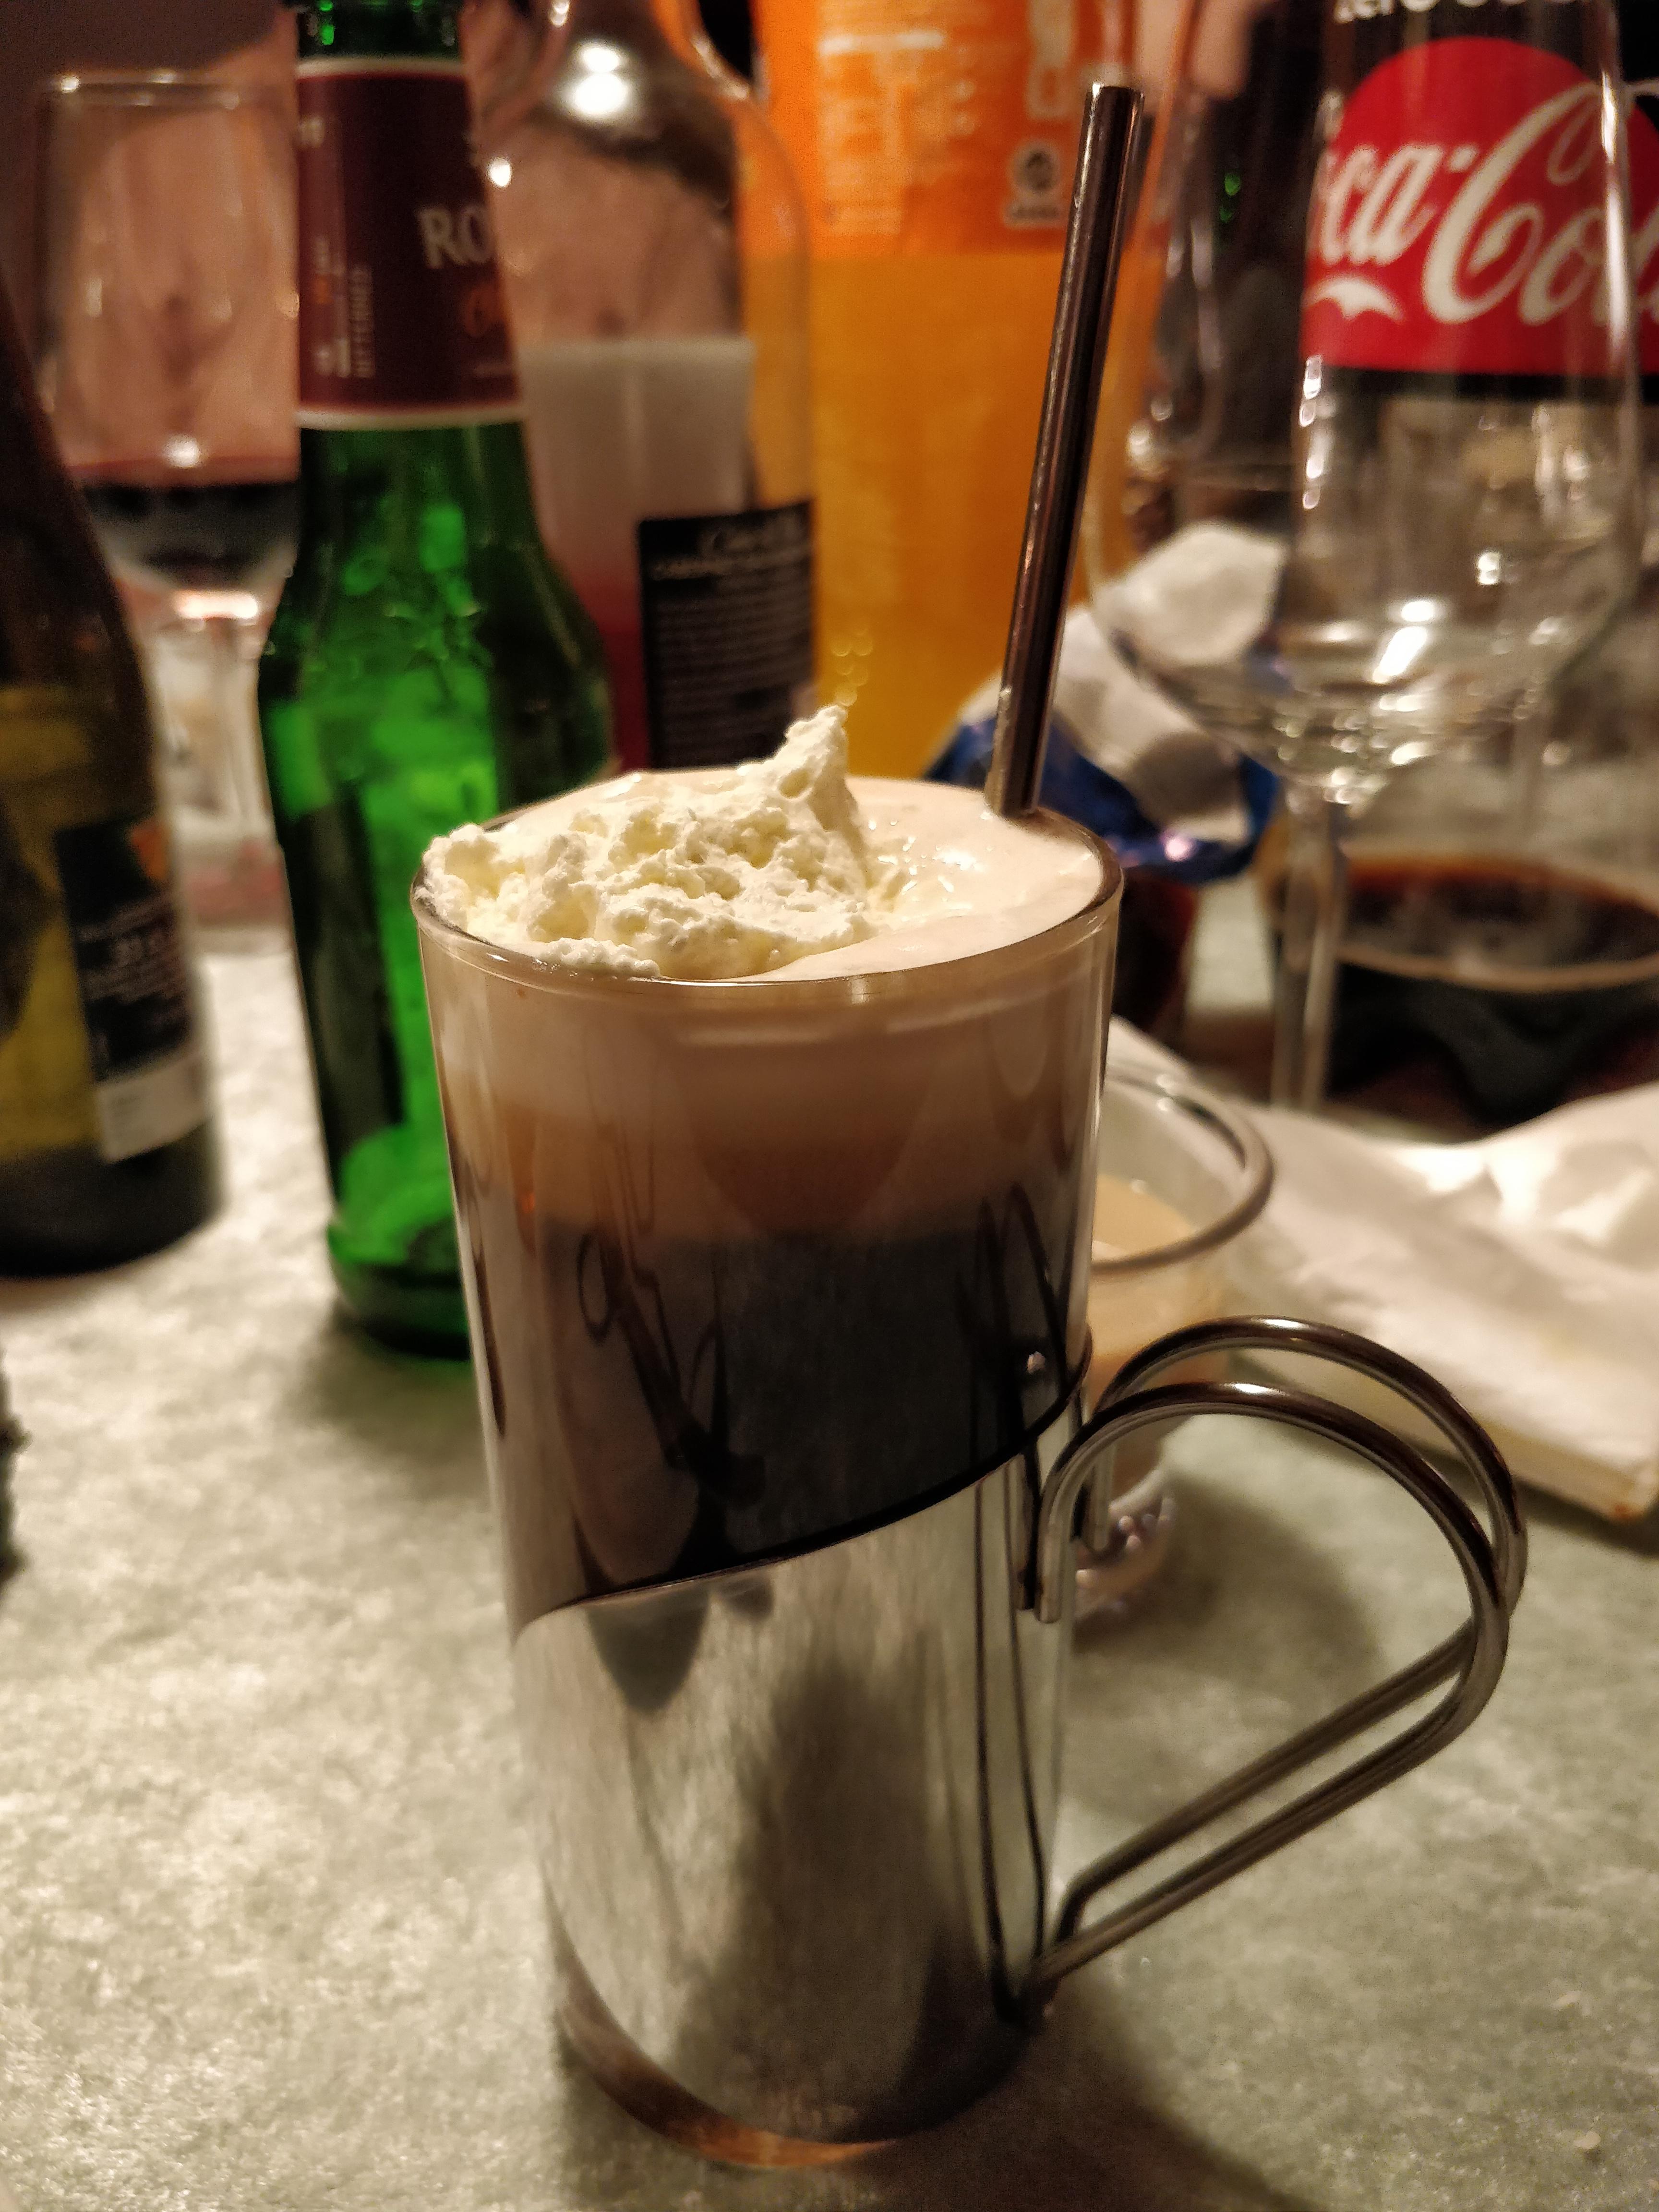 Fantastisk Opskrift på irsk kaffe - Irish Coffee | Whiskyblog.dk ZC07